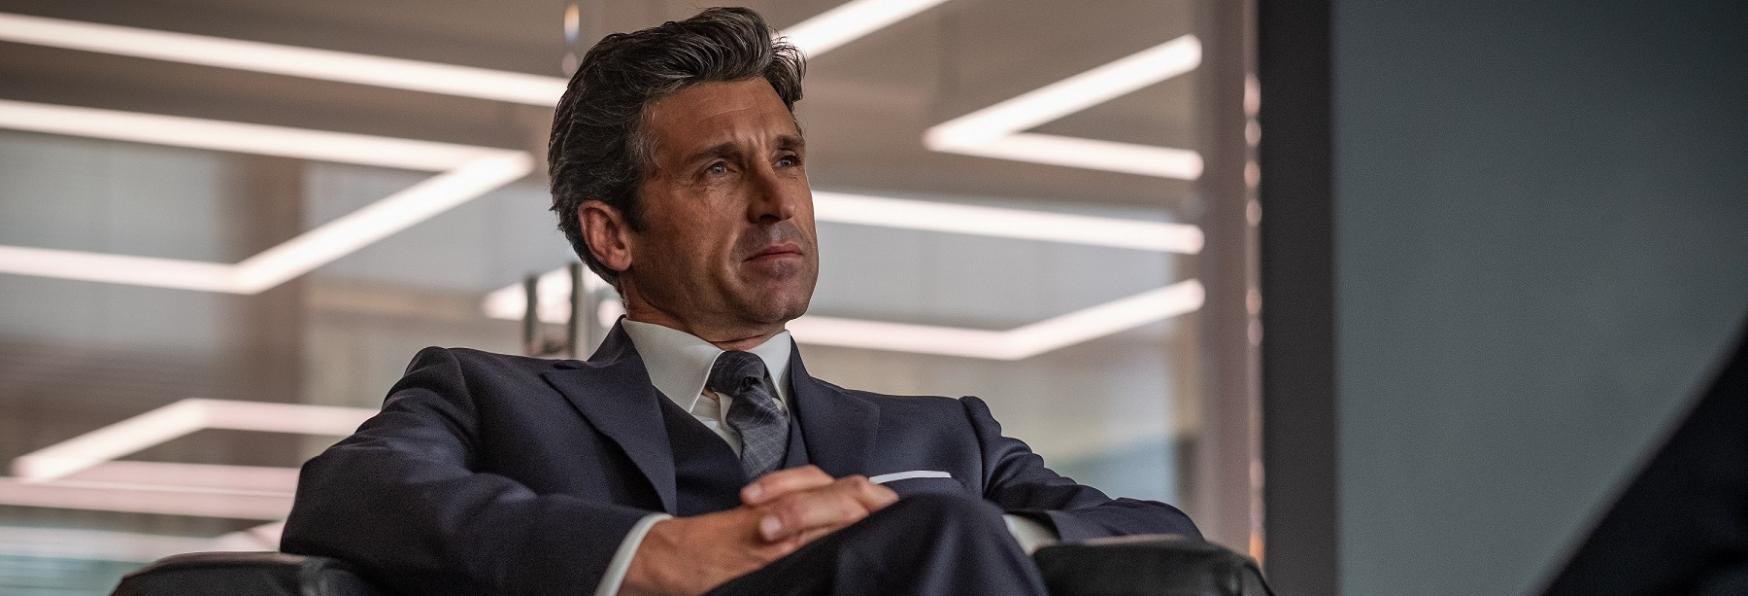 Diavoli: tutte le Informazioni Note sulla nuova Serie TV con Alessandro Borghi e Patrick Dempsey